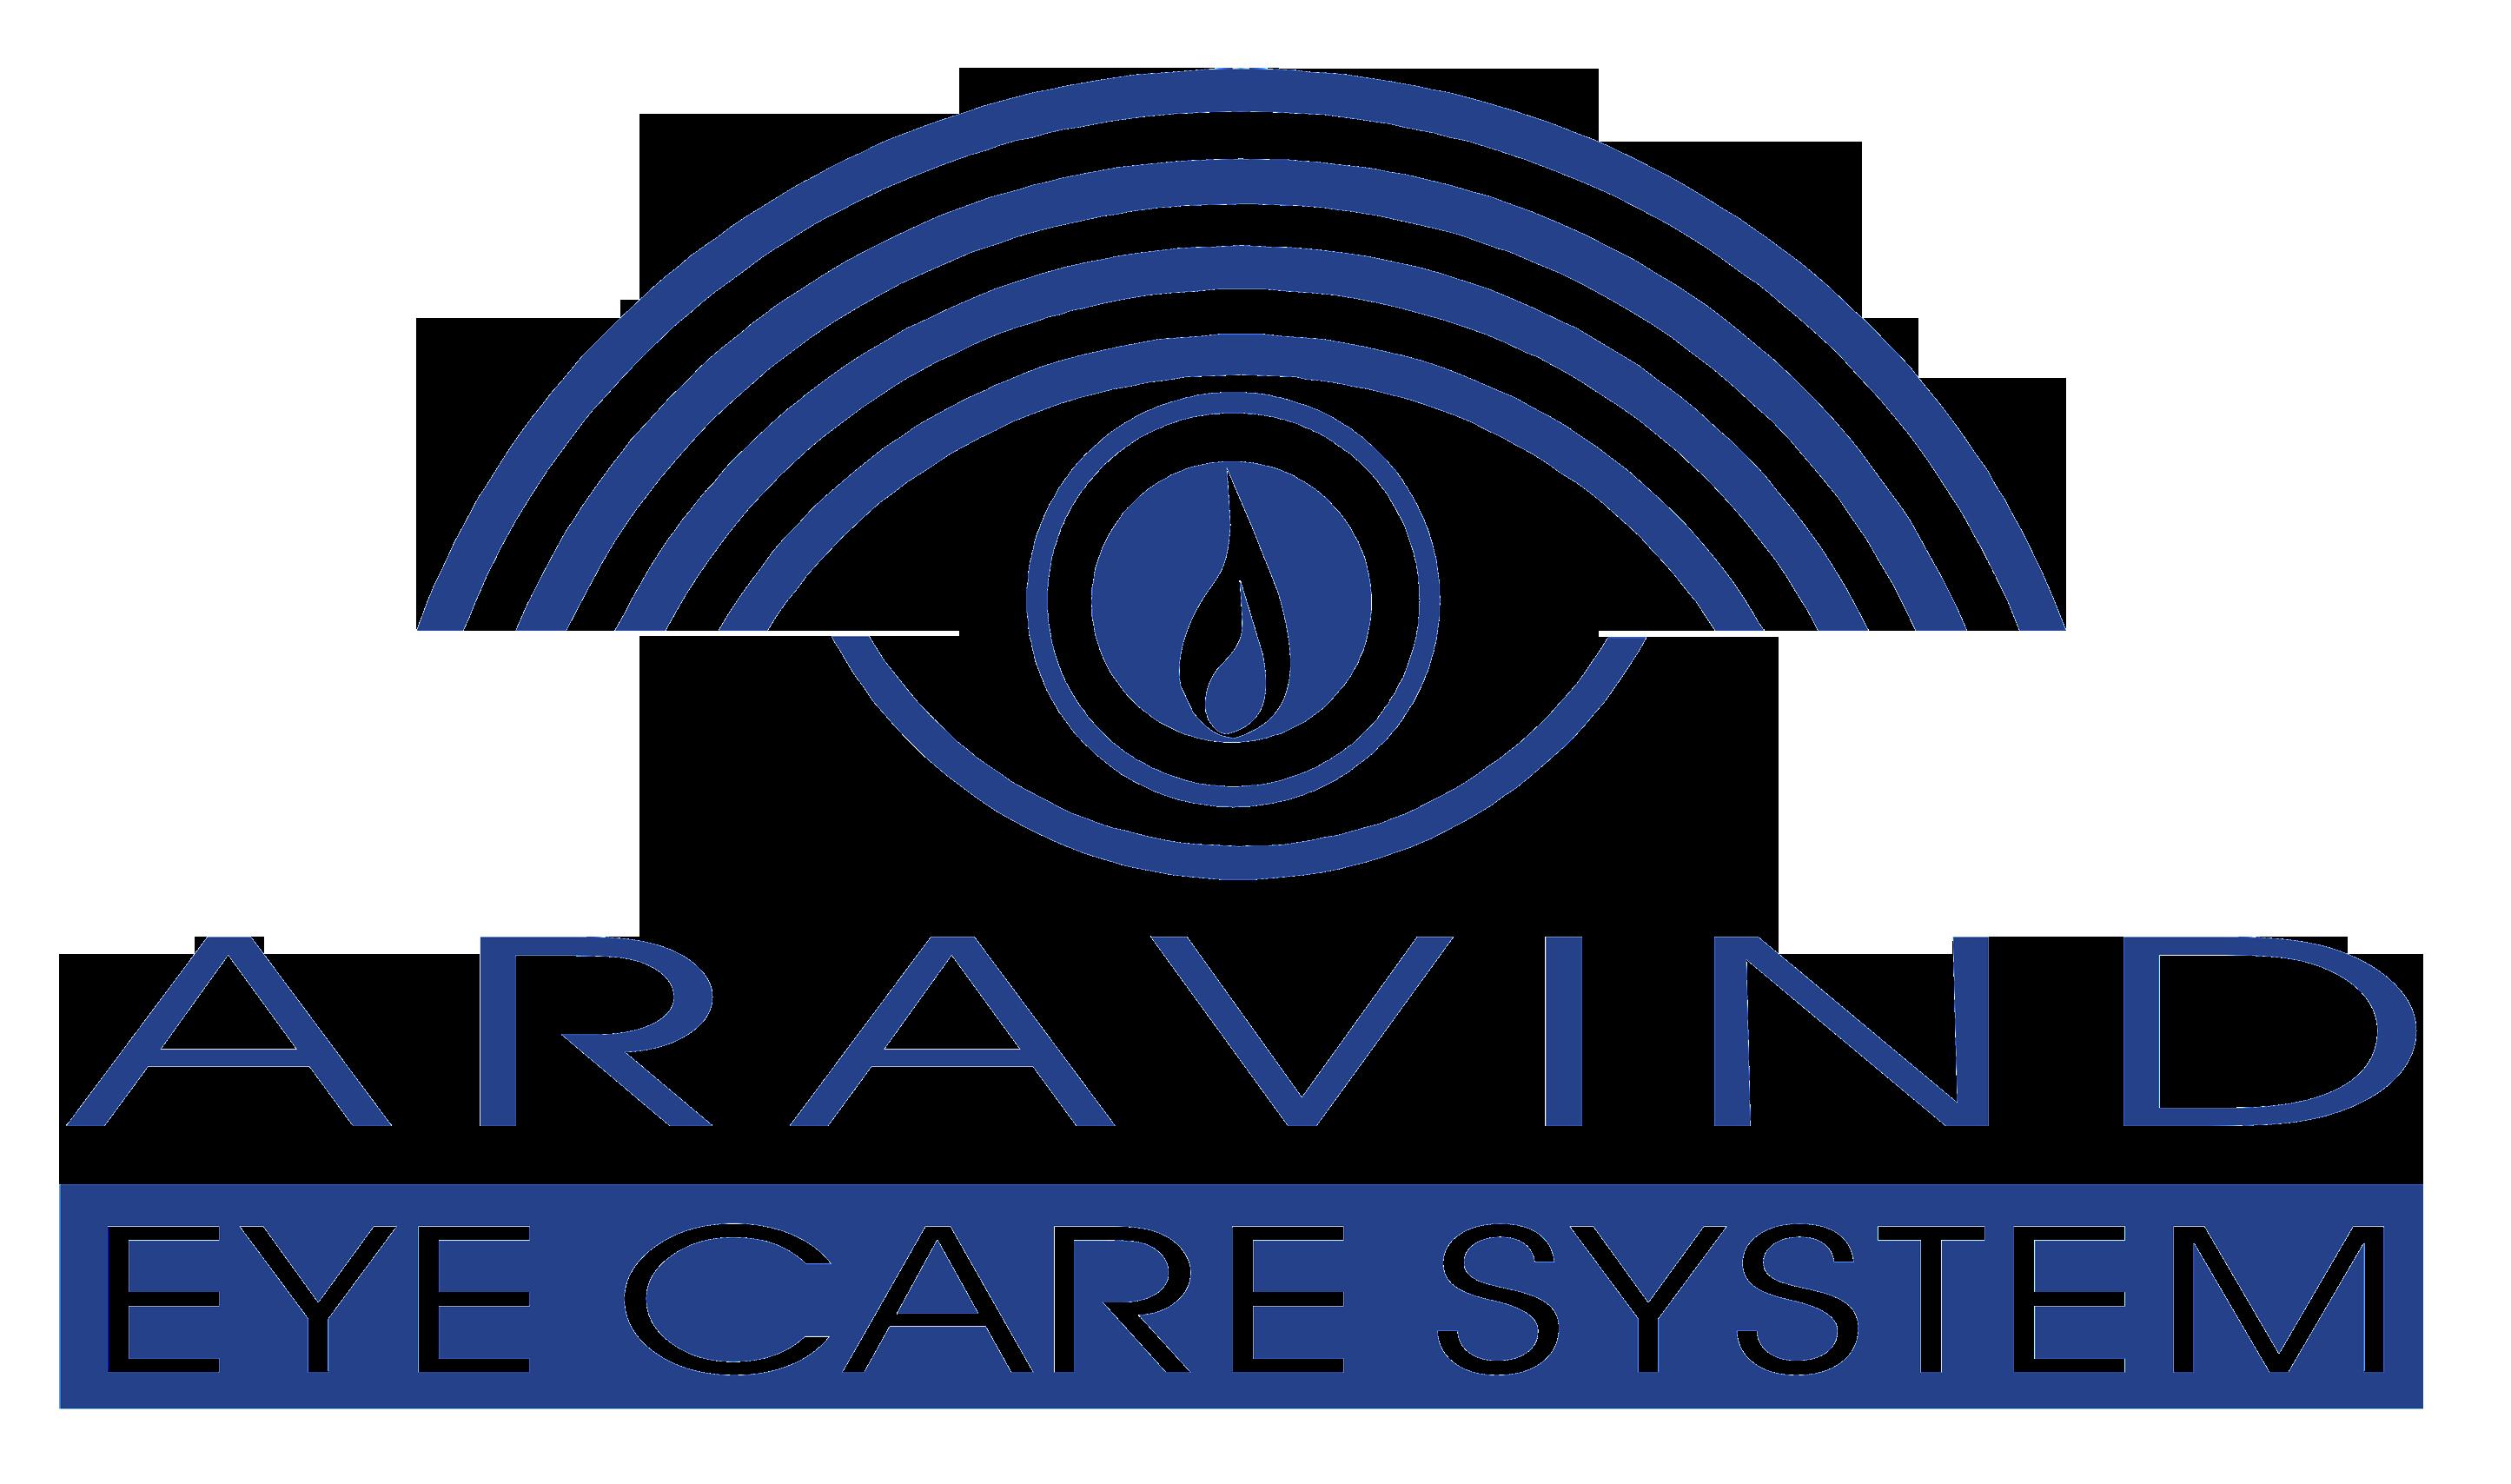 Aravind Eye Hospital Reviews Careers Jobs Salary